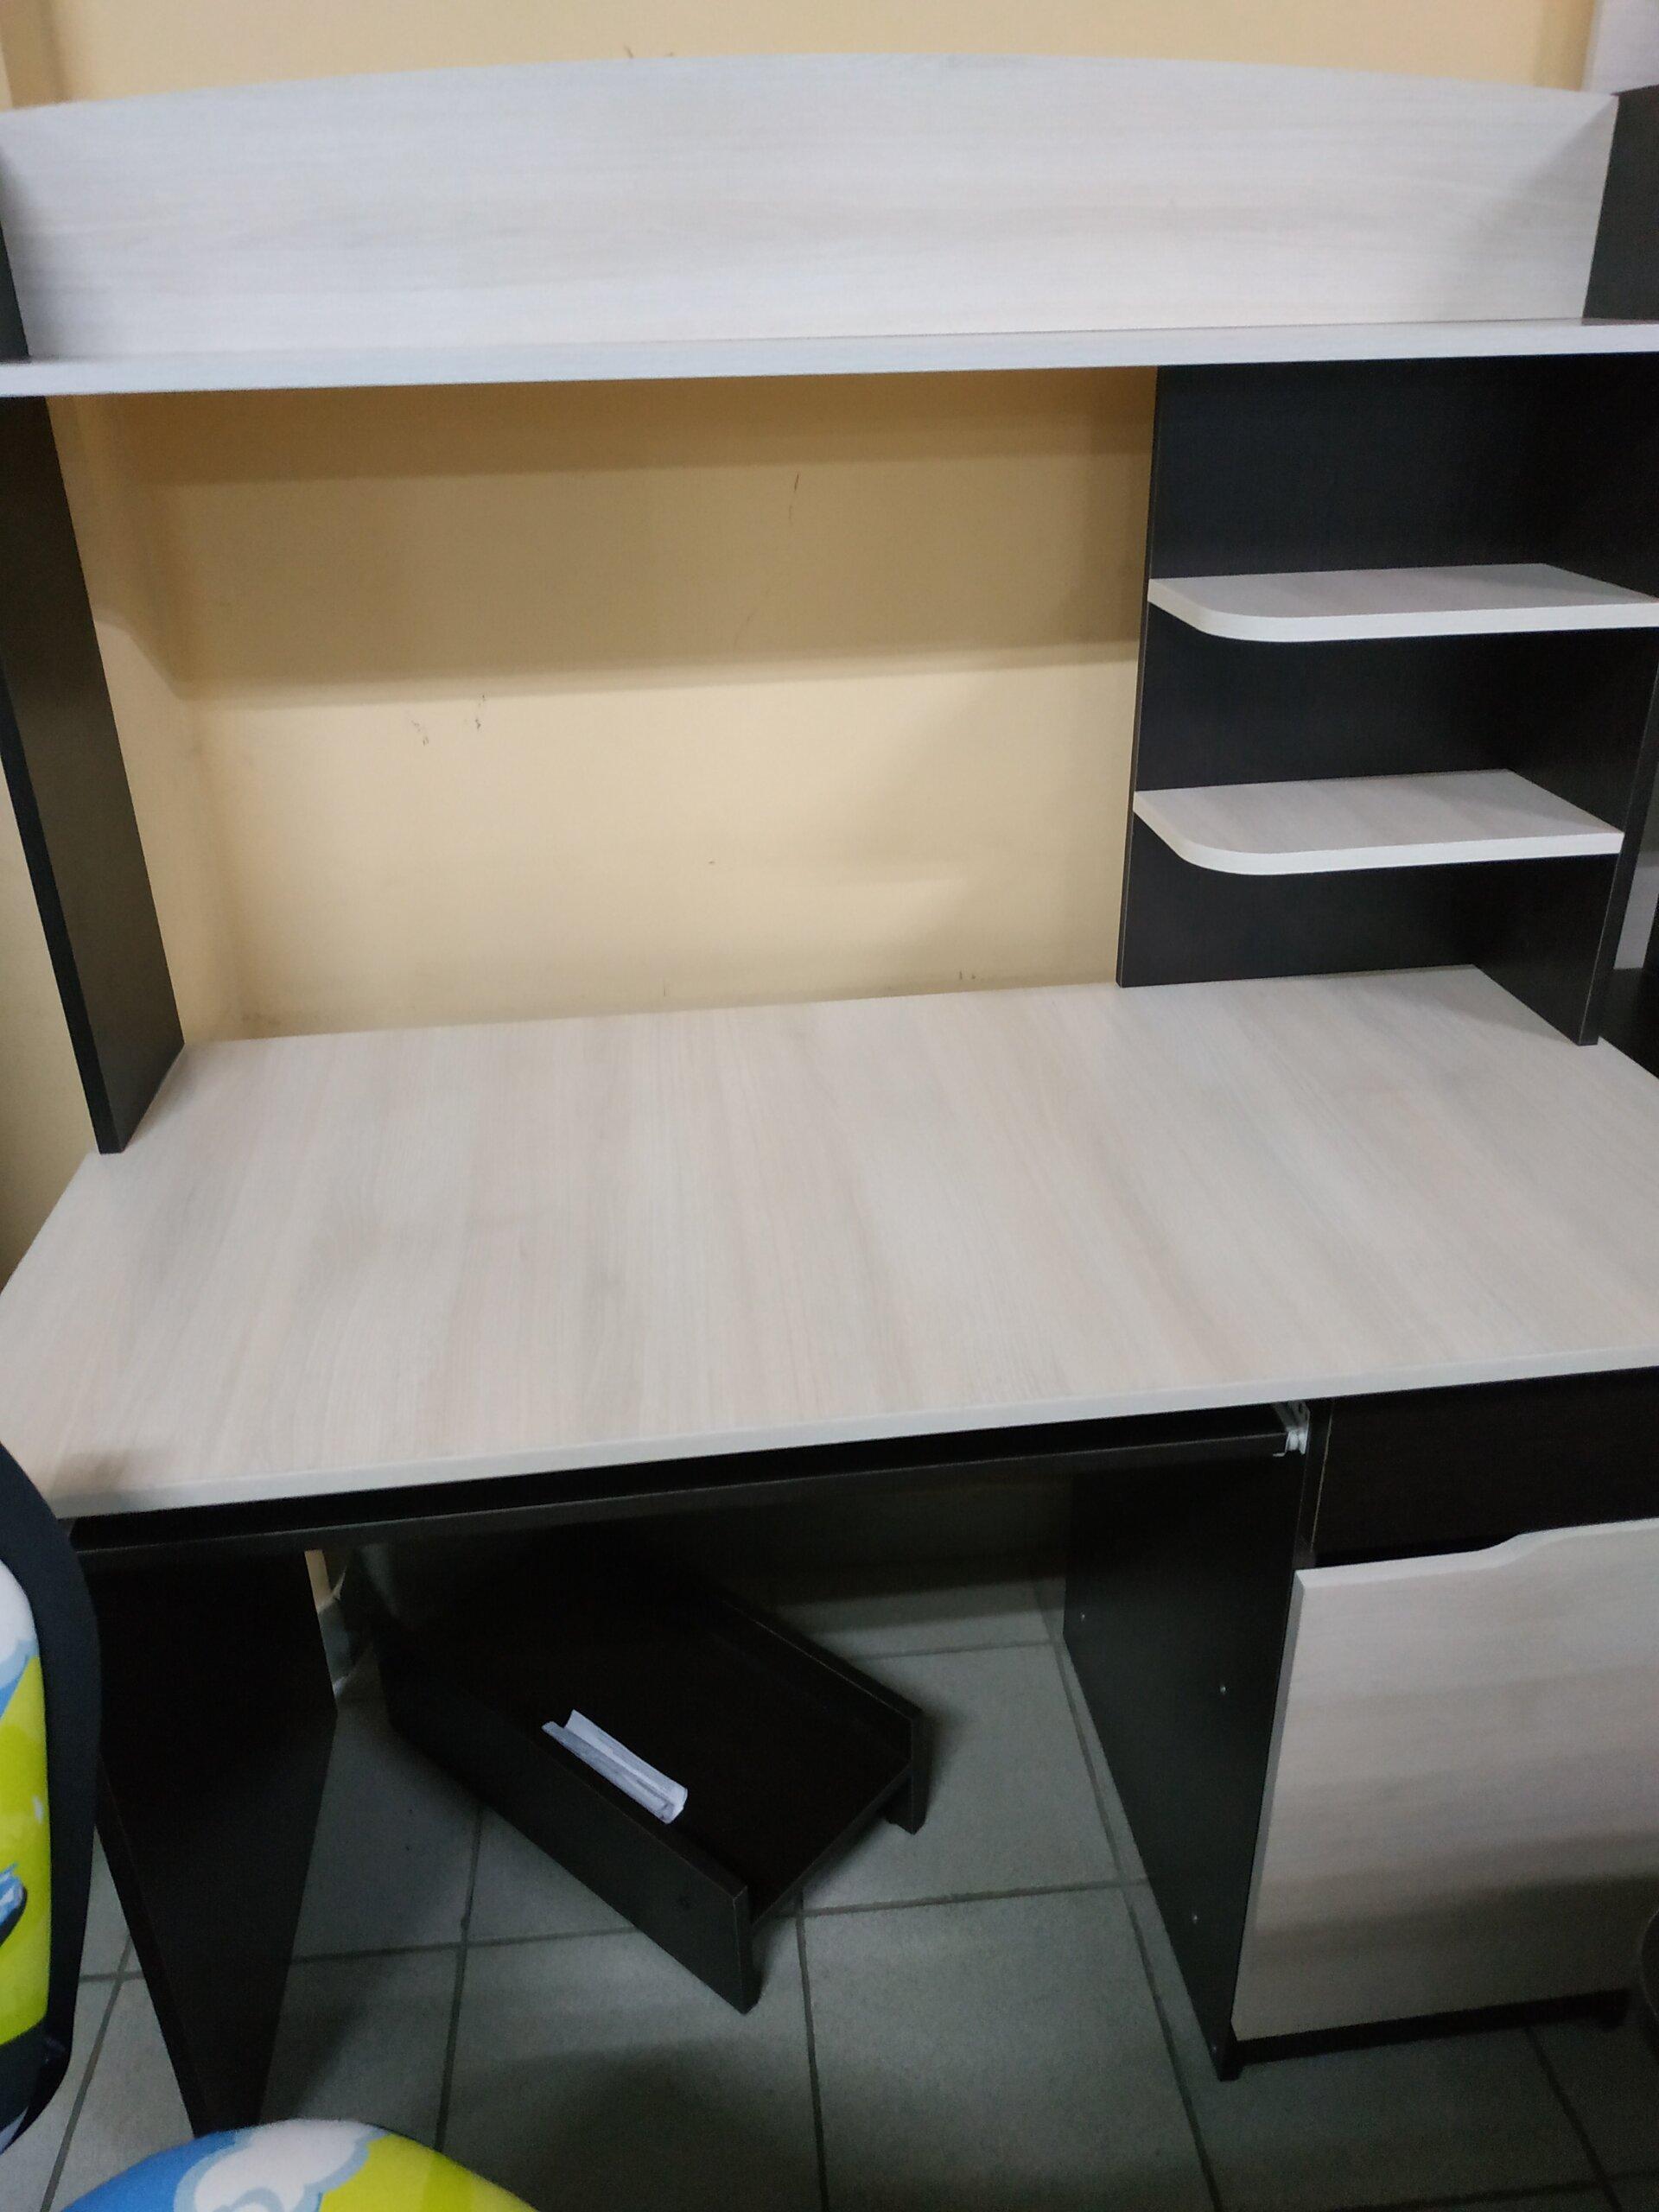 Стол компьютерный, Лидер (120 см) - фото pic_cb6c79edc98f4af8da38cb073190cb8e_1920x9000_1.jpg